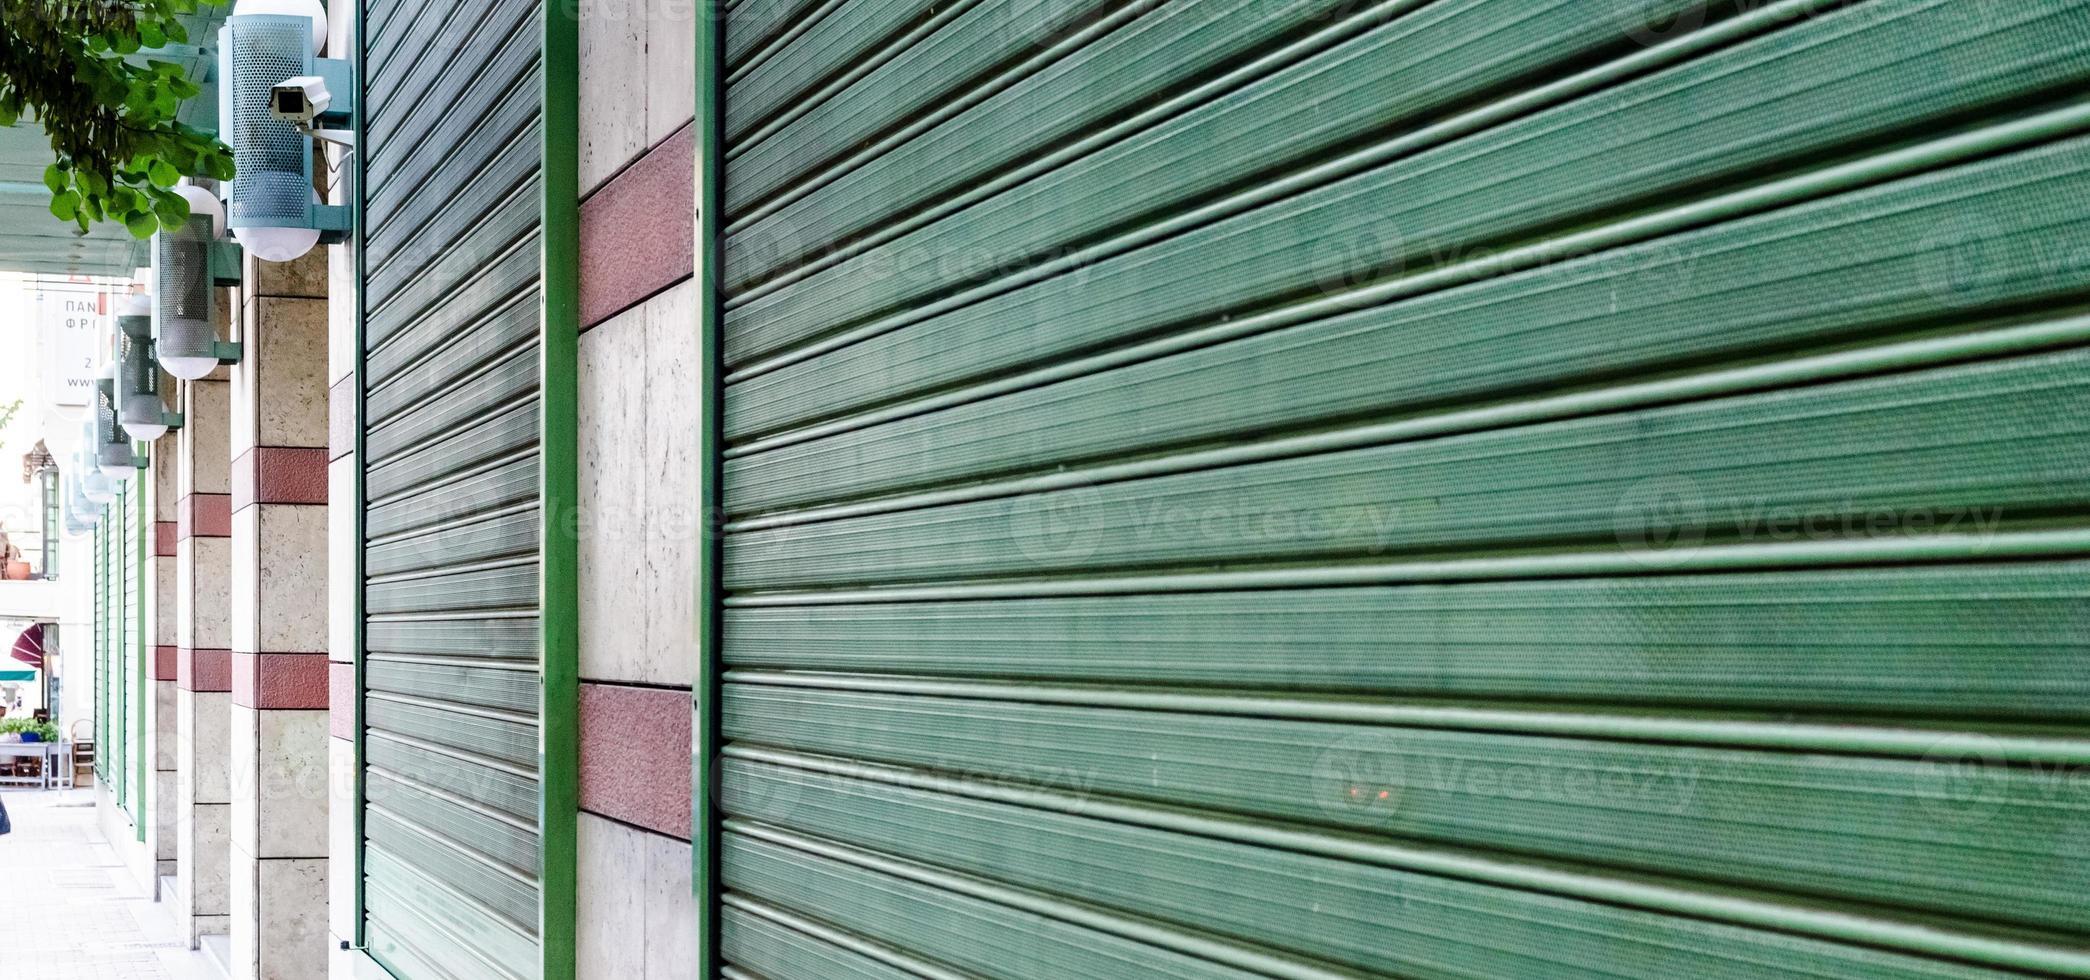 fenêtres vertes en métal. photo